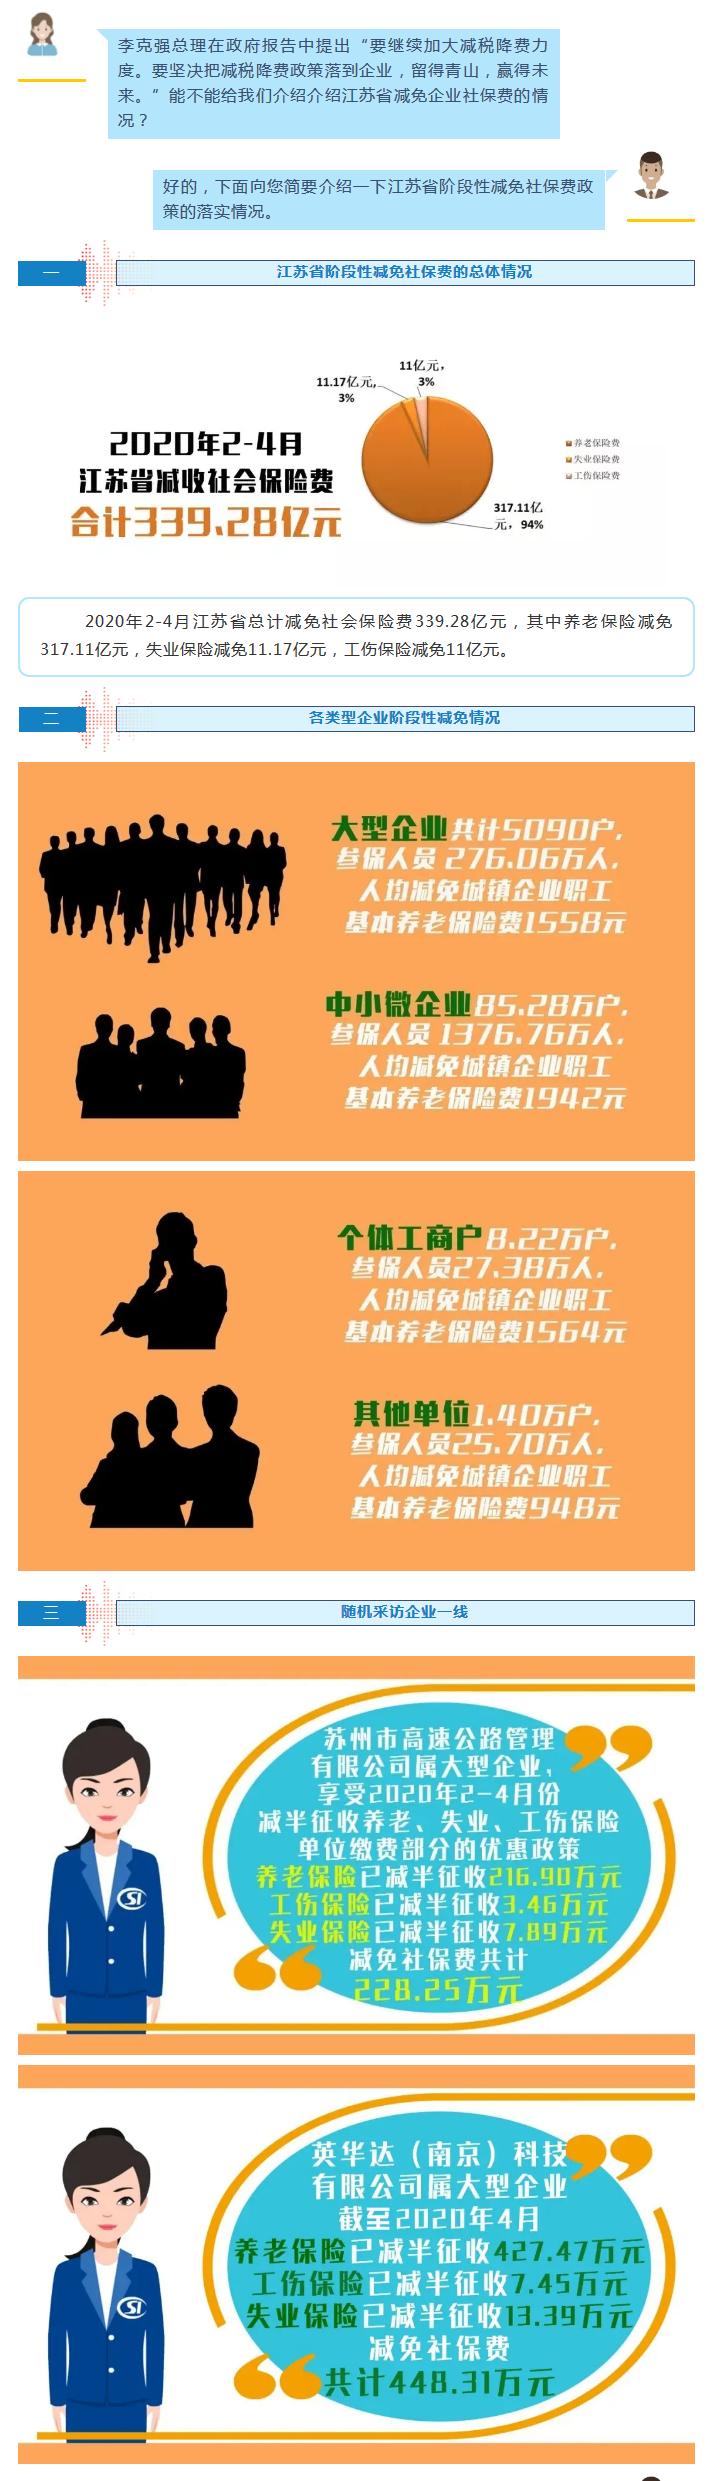 """""""硬核""""助力企业发展,江苏减免社保费339亿元"""